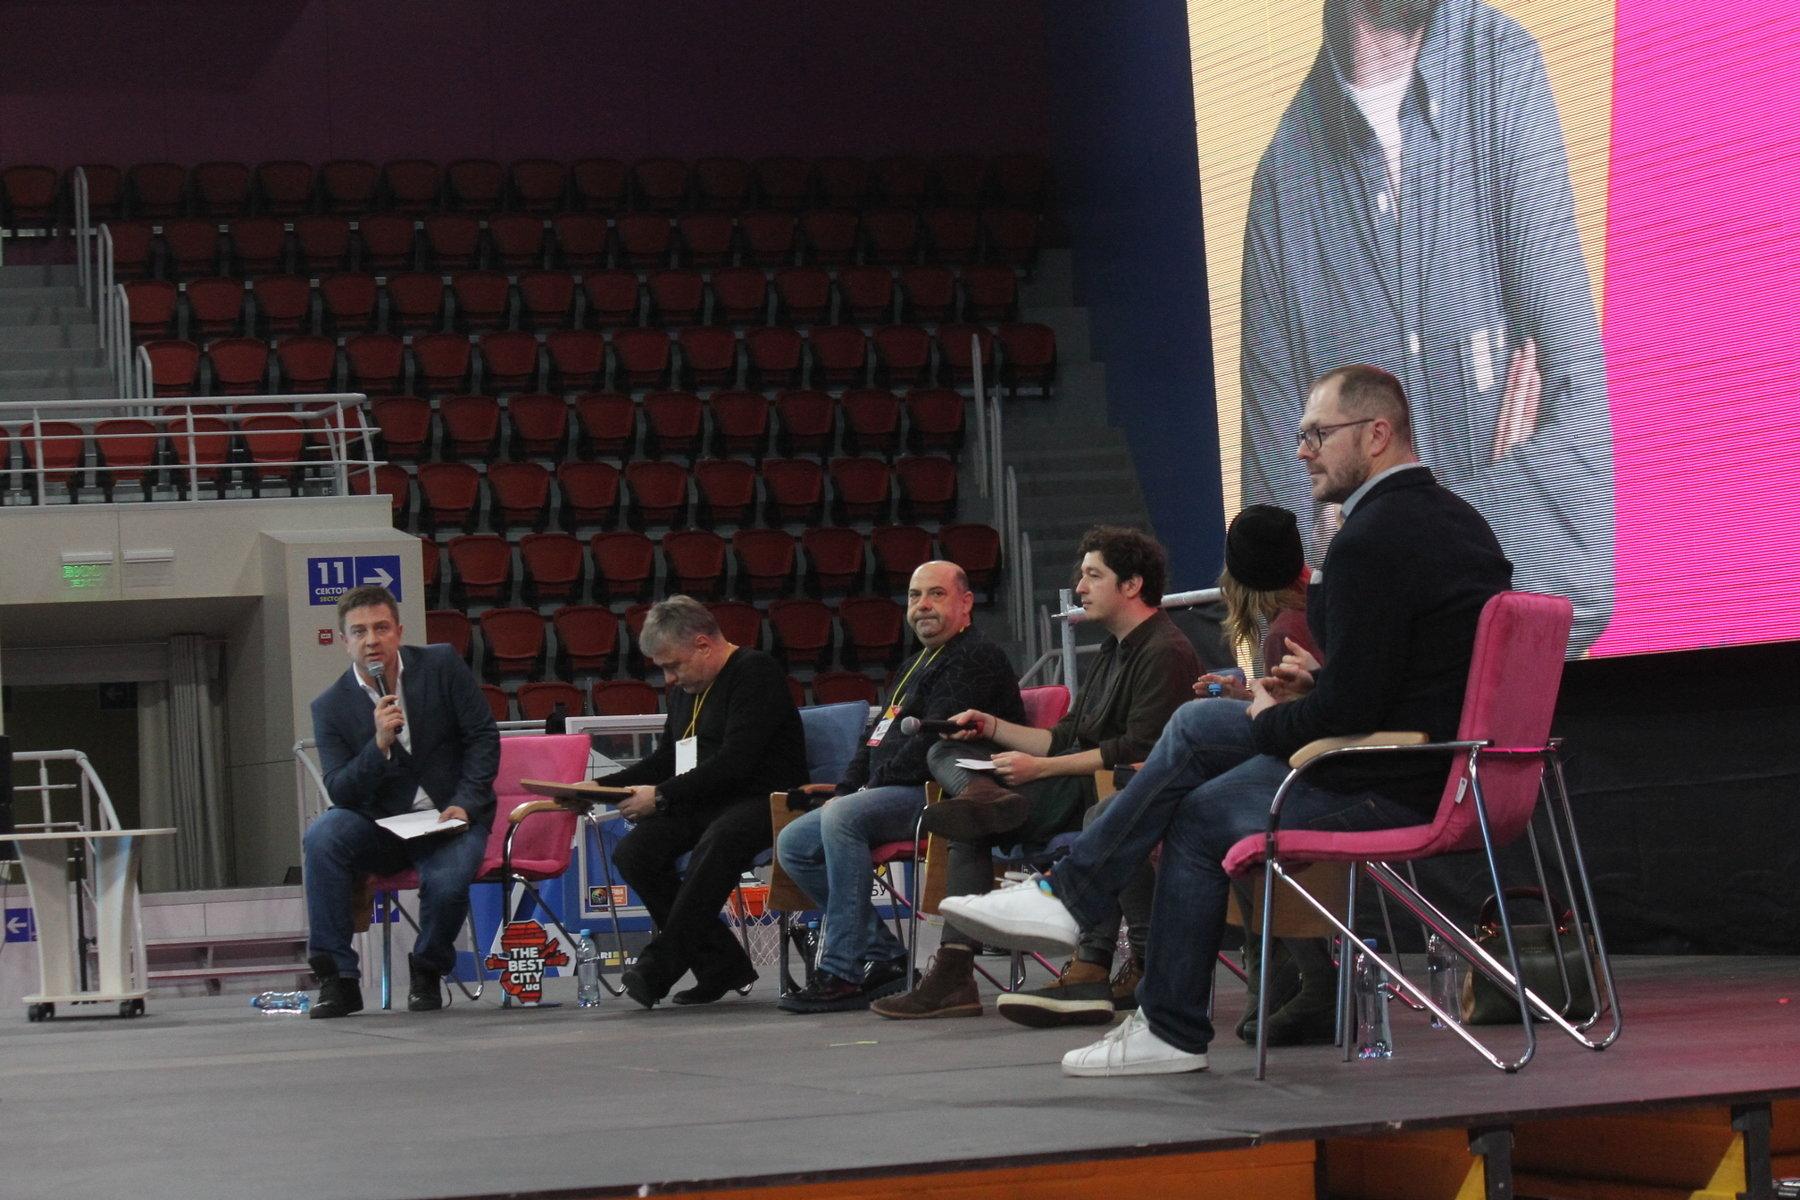 Pianoboy Дмитрий Шуров выступил в Запорожье на туристическом бизнес-форуме, – ФОТОРЕПОРТАЖ